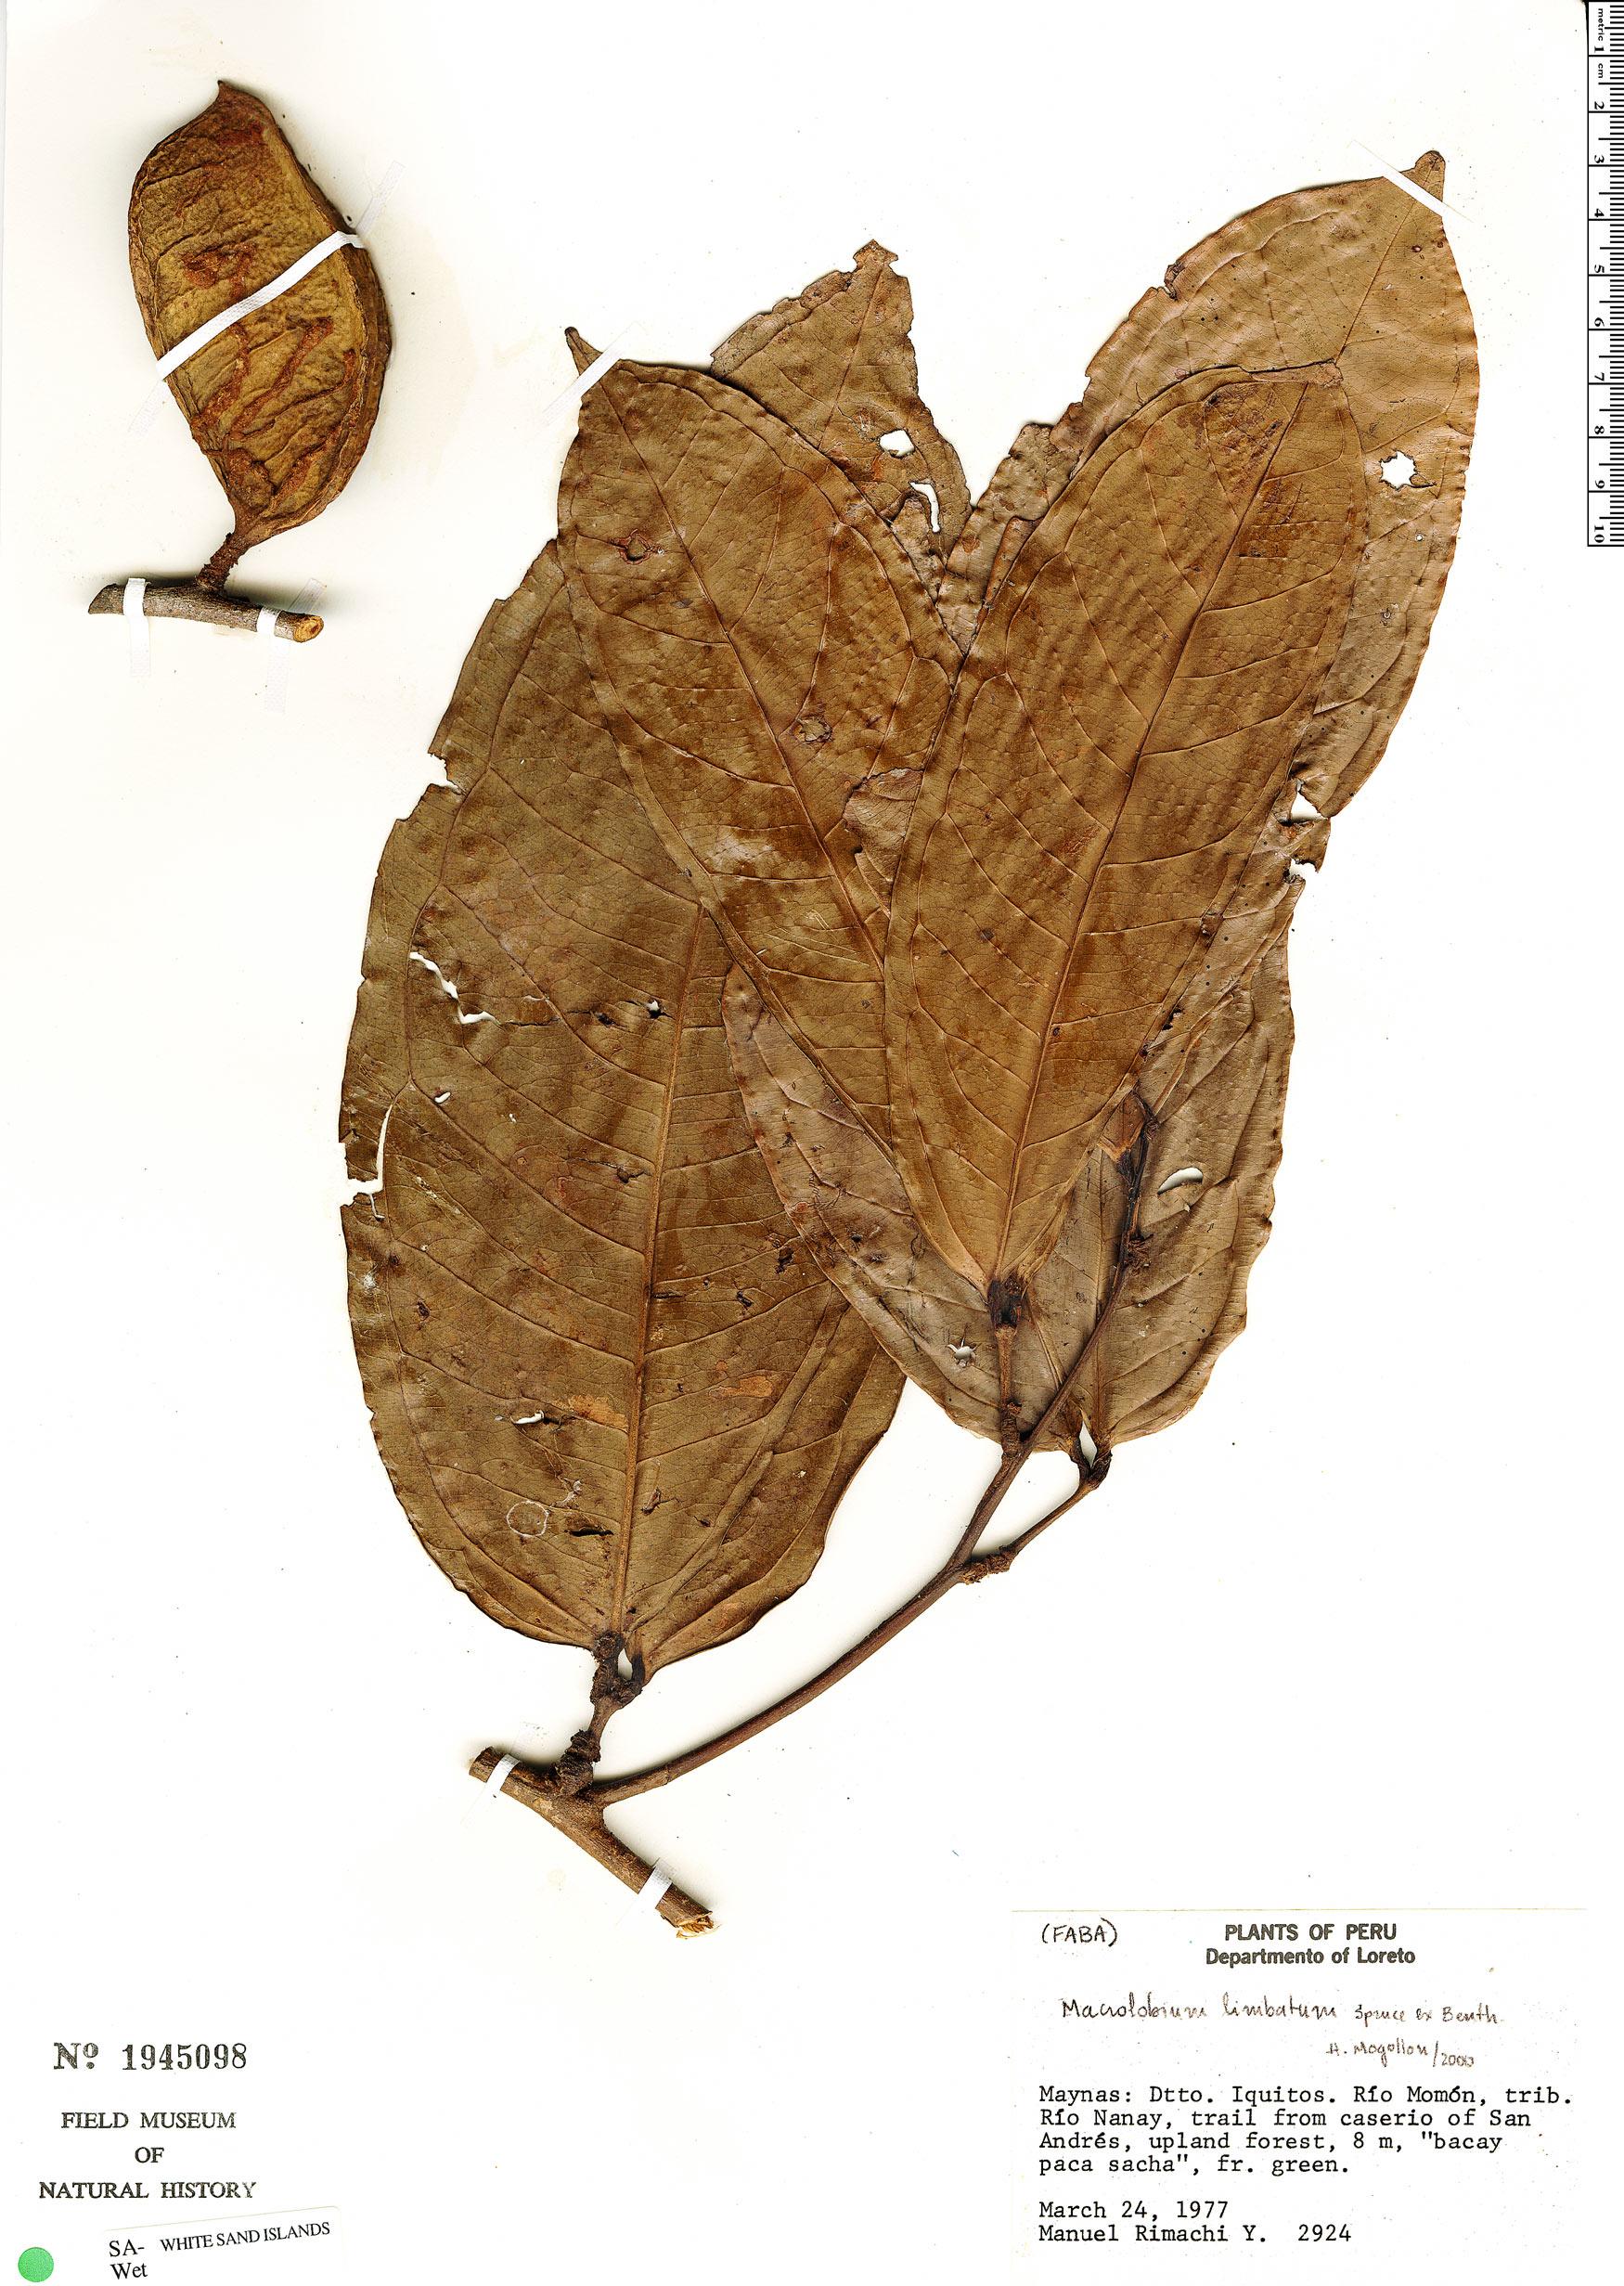 Specimen: Macrolobium limbatum